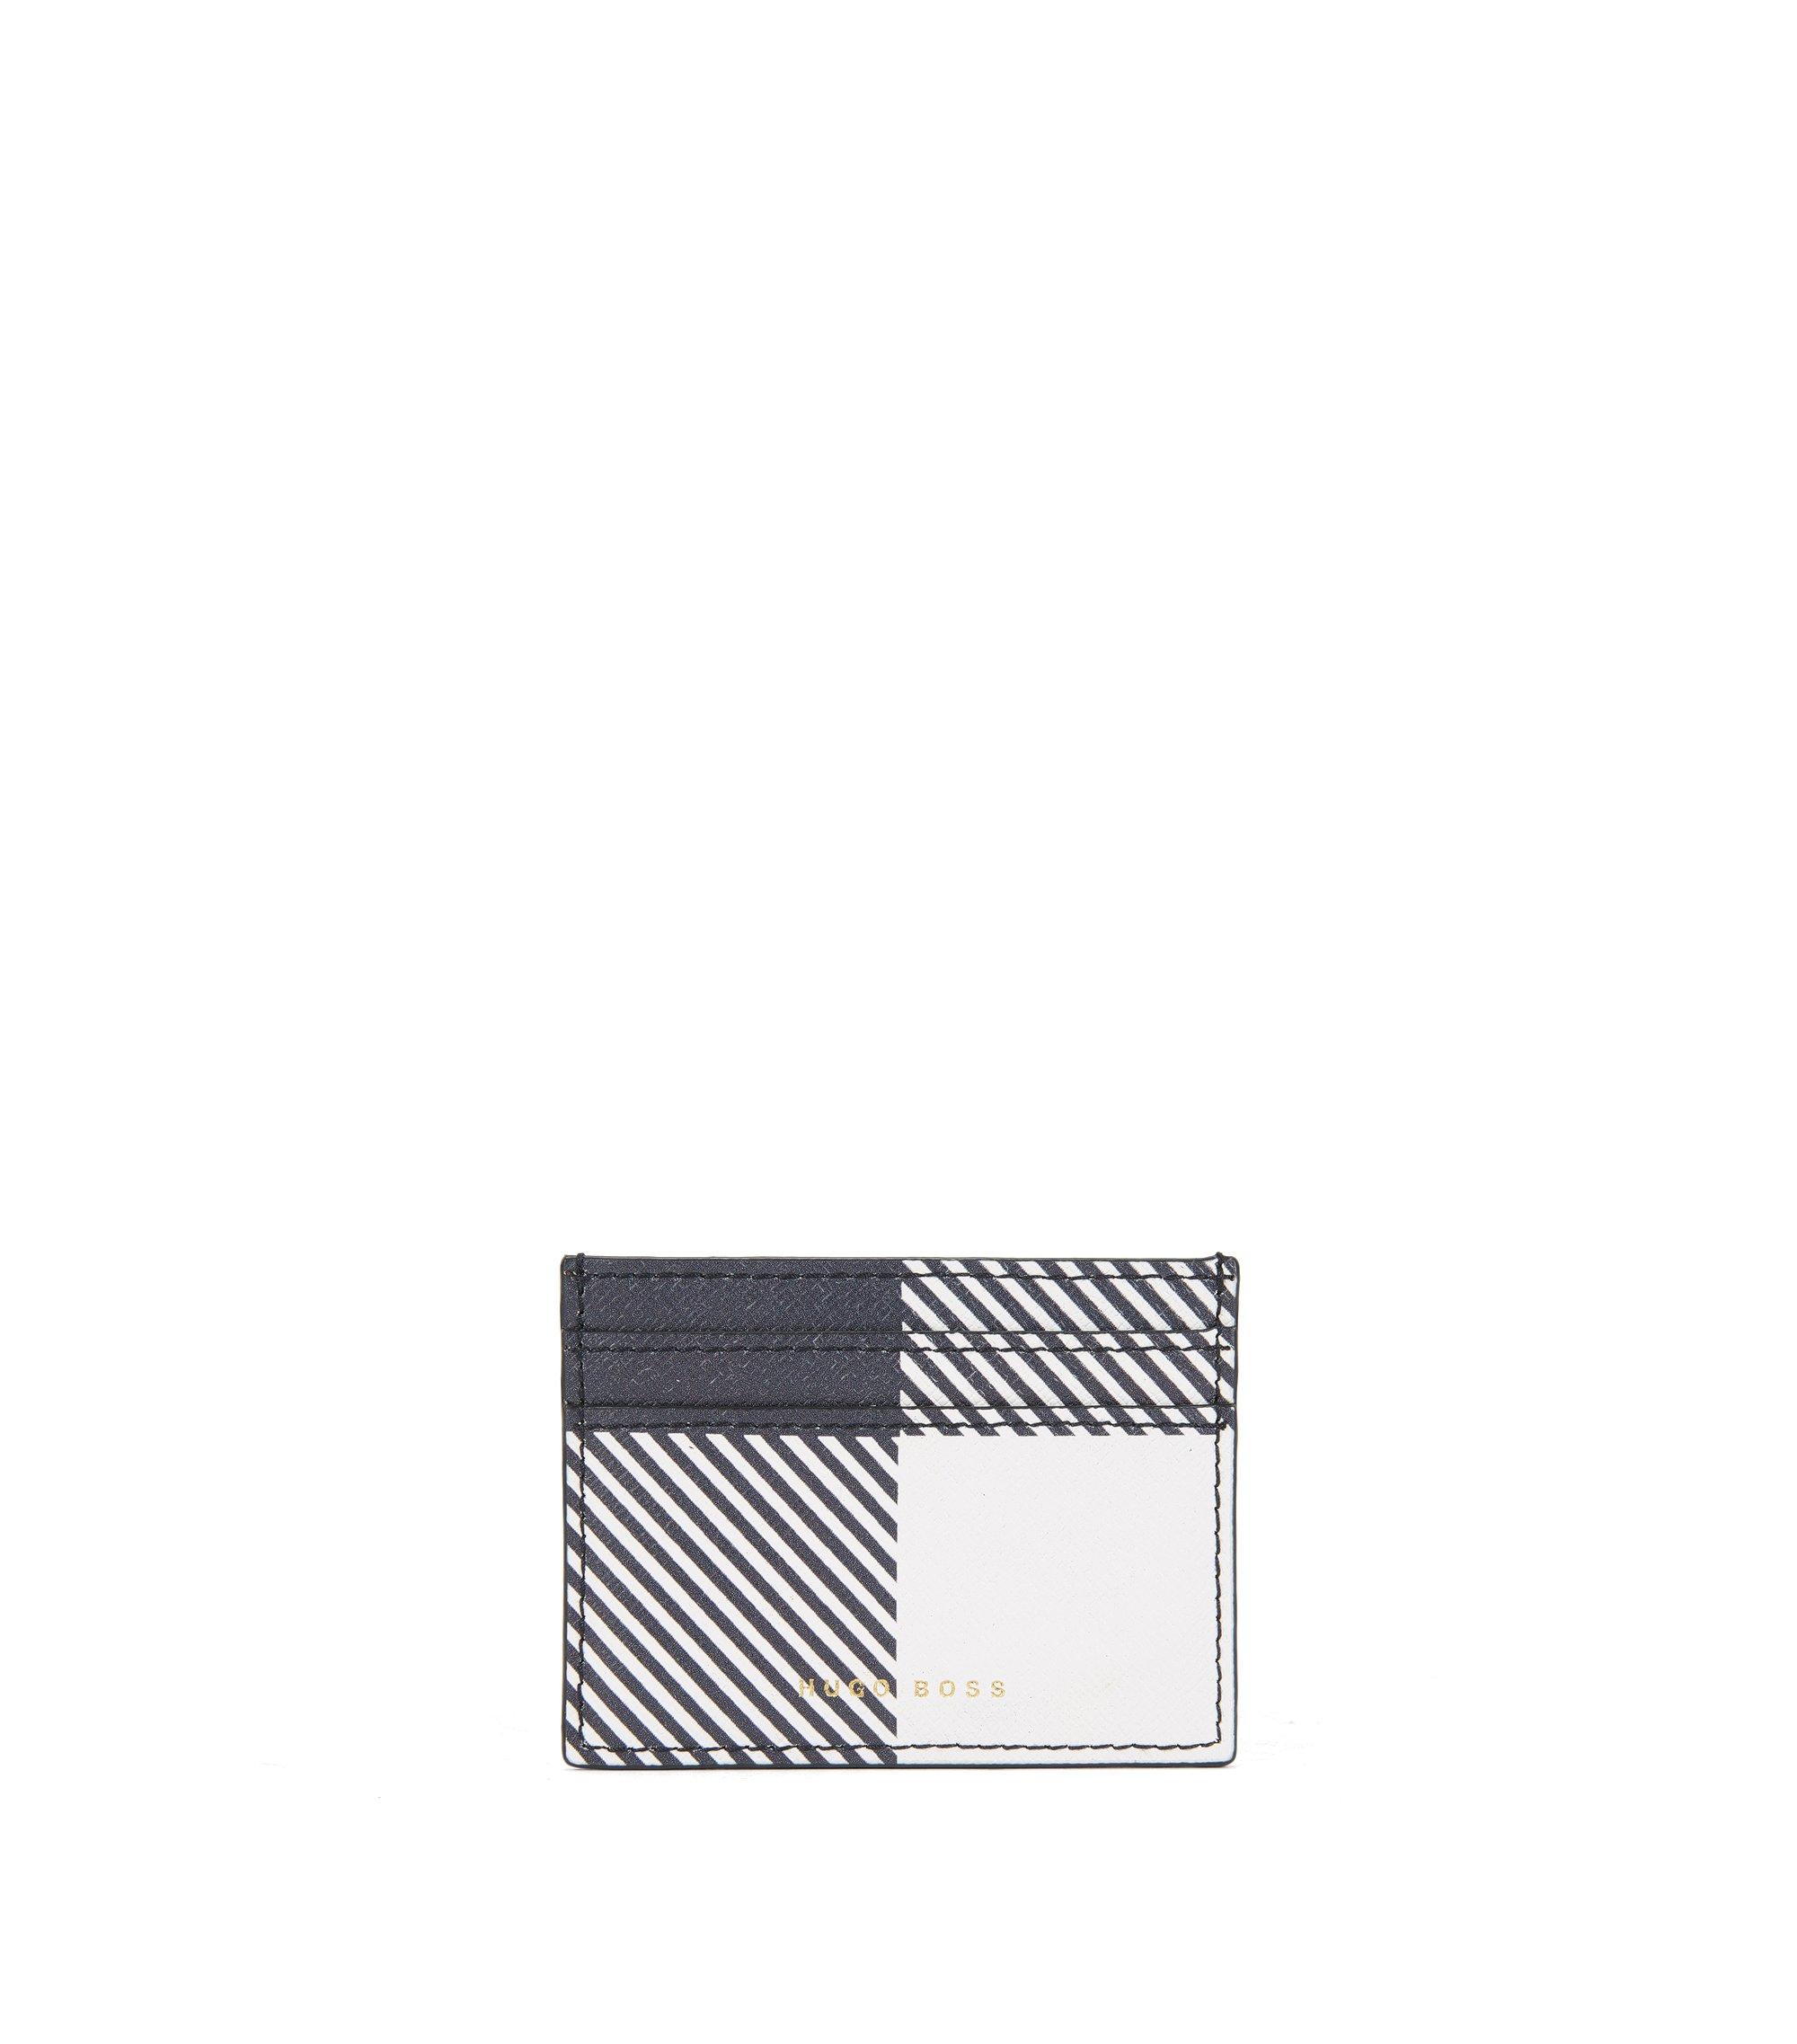 Porte-cartes BOSS Bespoke Soft en cuir à carreaux imprimés, Bleu foncé